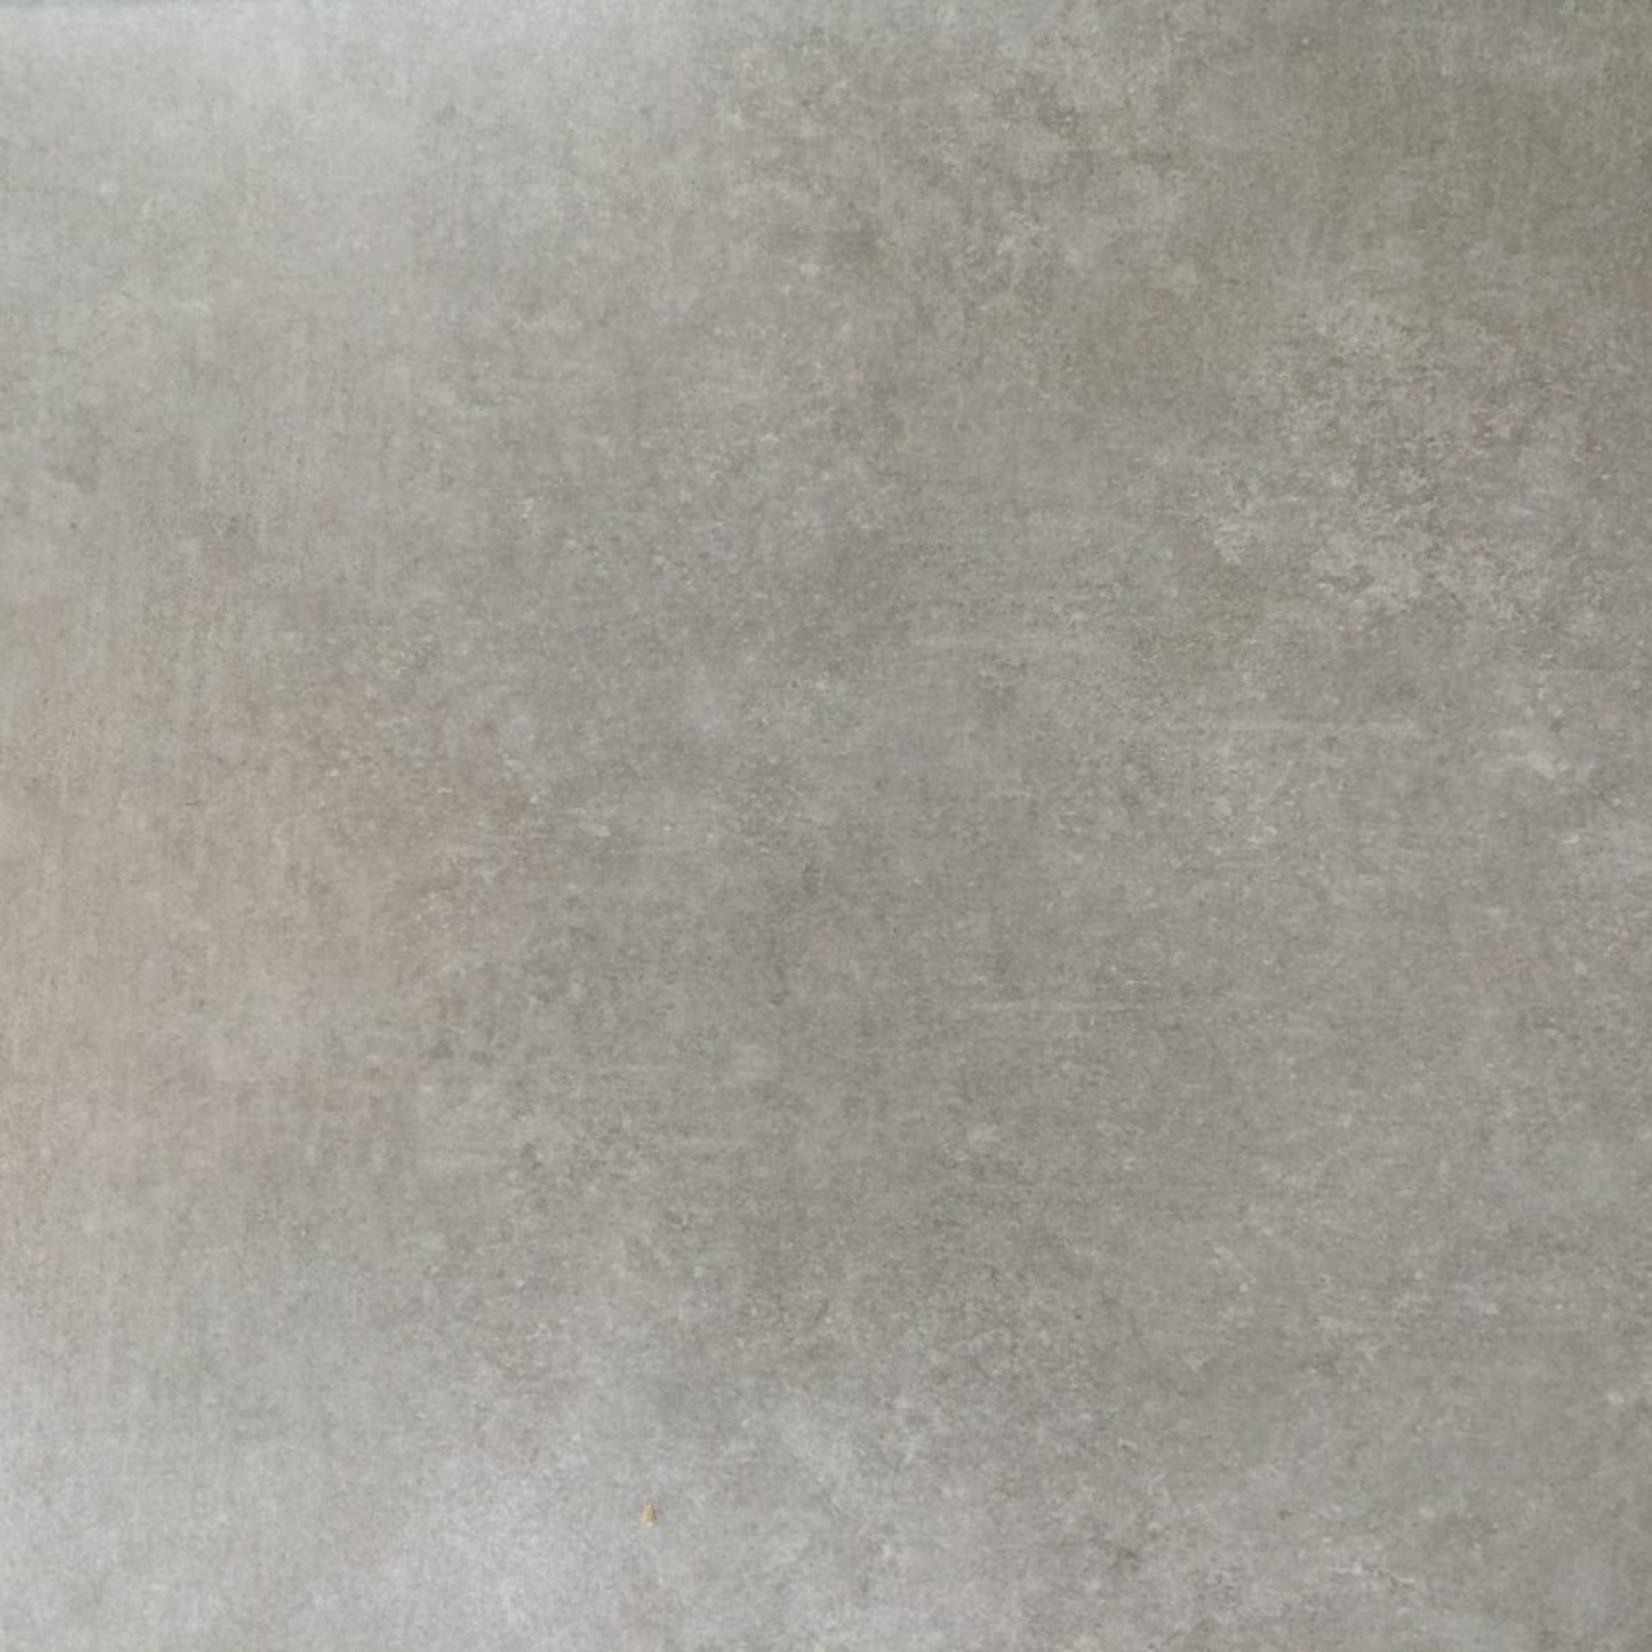 Porcelain 24x24 6032